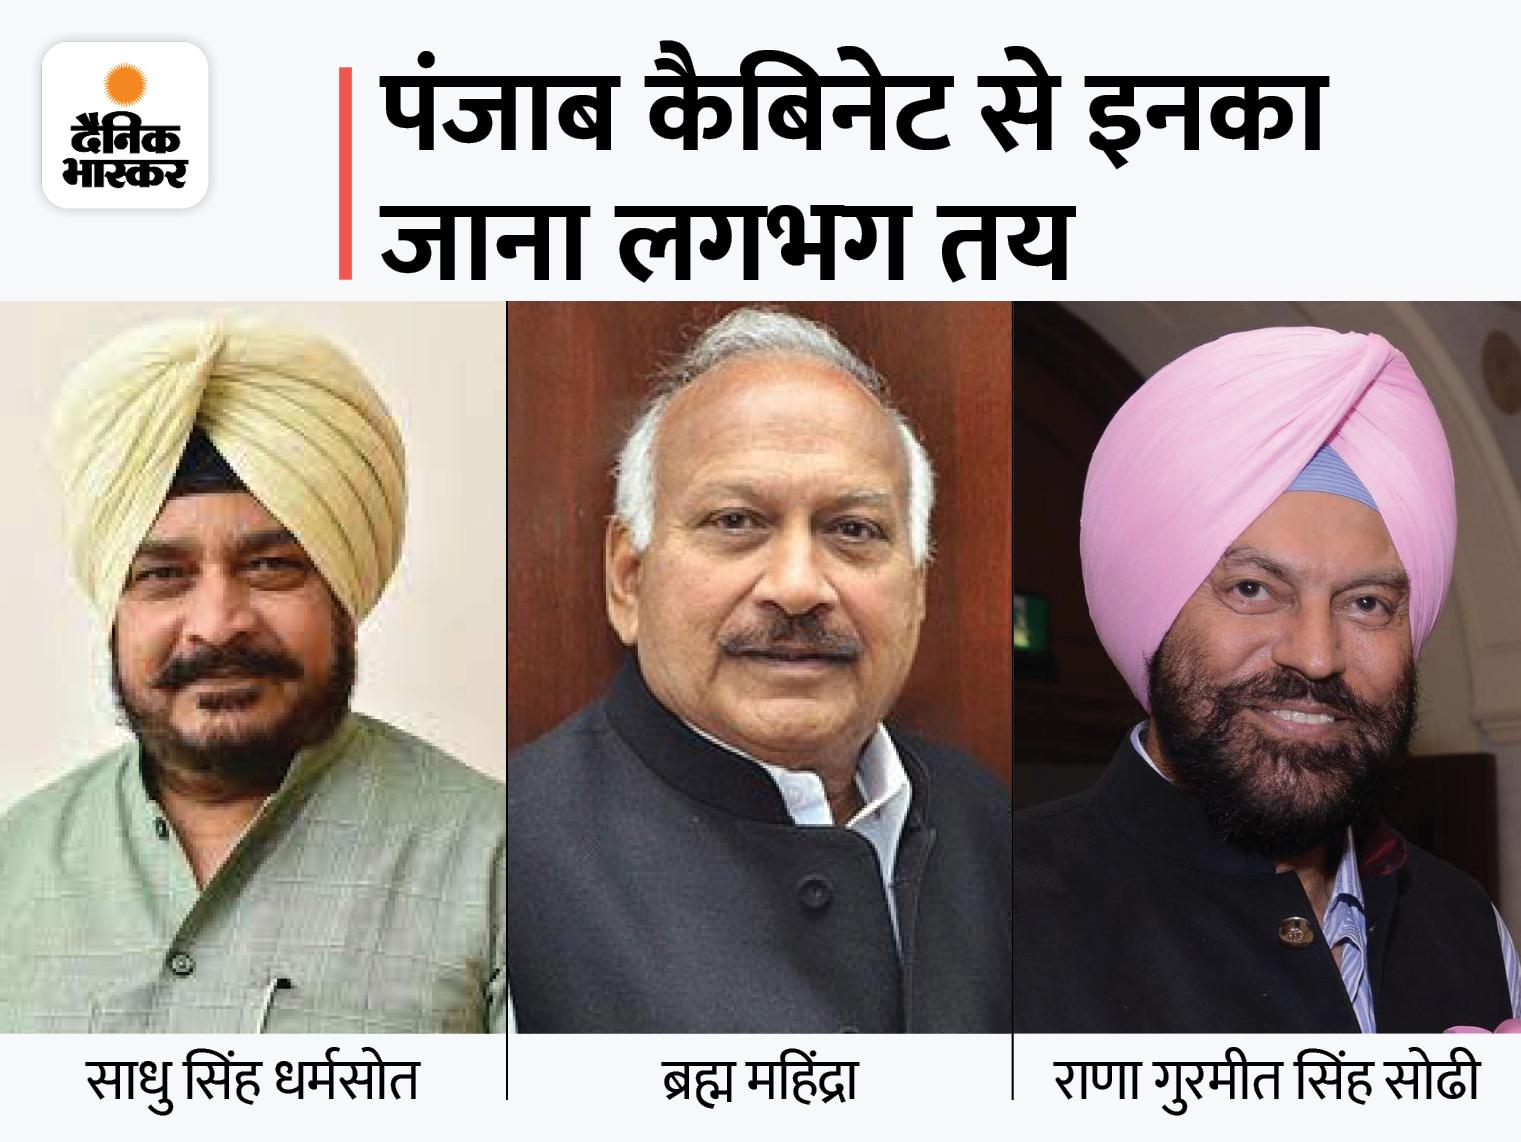 कैप्टन के नजदीकी बृह्म महिंद्रा समेत 3 मंत्रियों का विकेट गिरना तय, राजा वडिंग और डाबर समेत 6 नए चेहरों को मिलेगा मौका|देश,National - Dainik Bhaskar